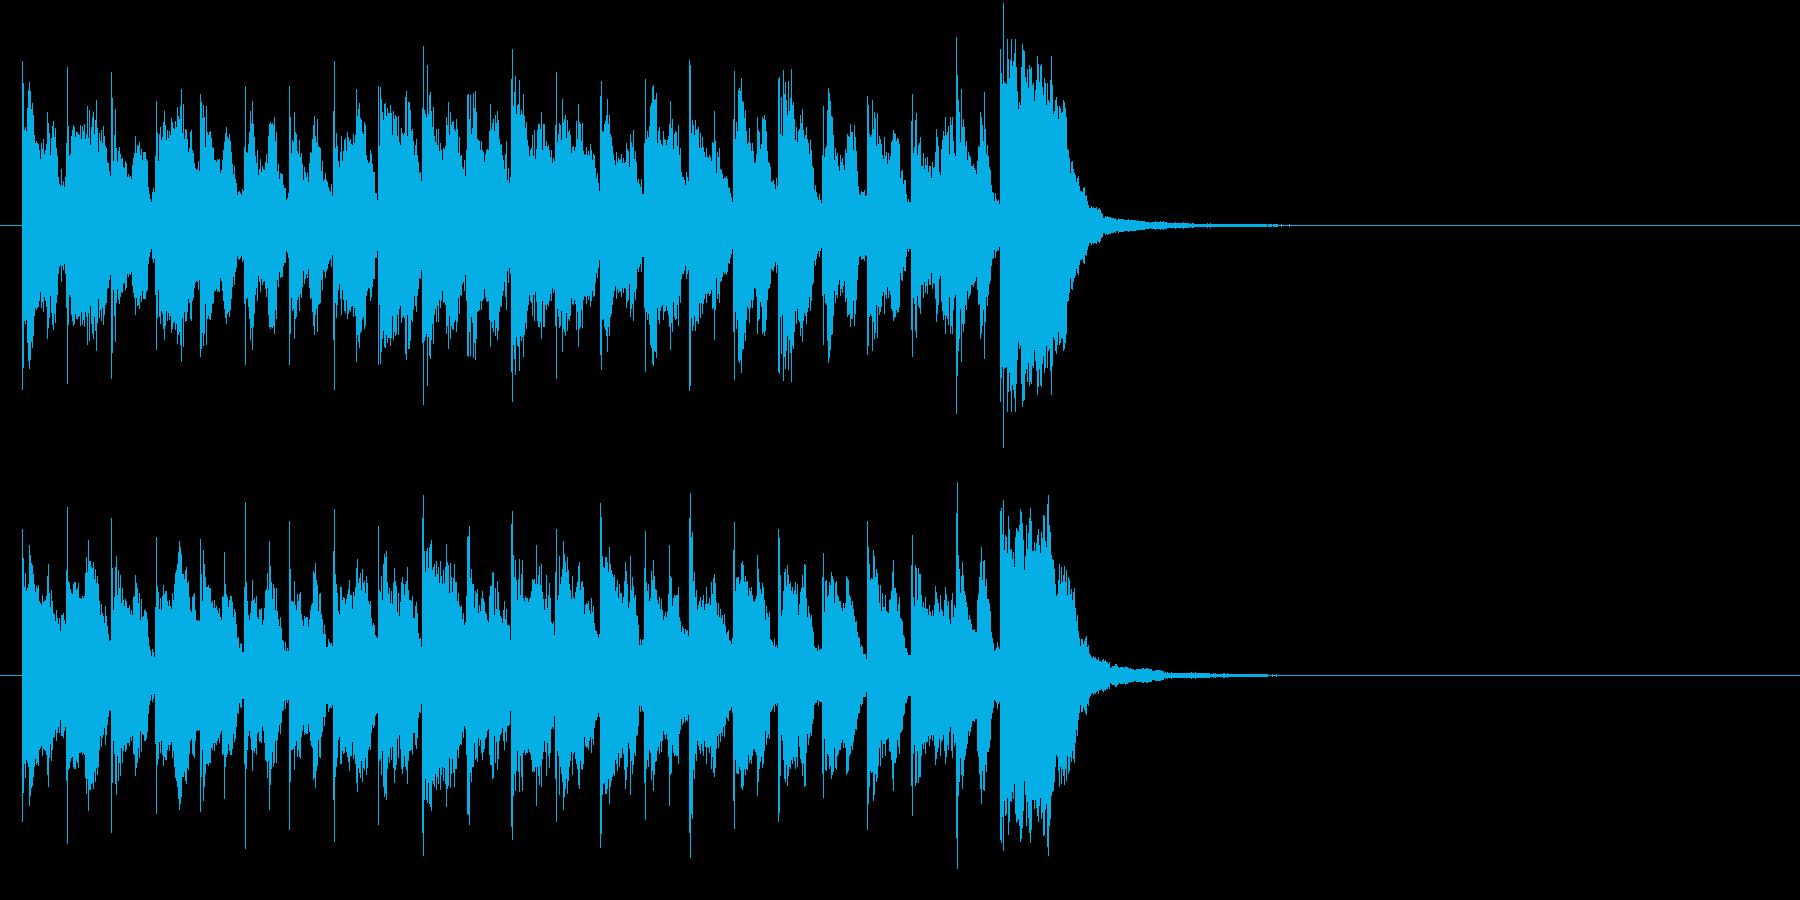 ほのぼのとした軽快なスポットBGMの再生済みの波形